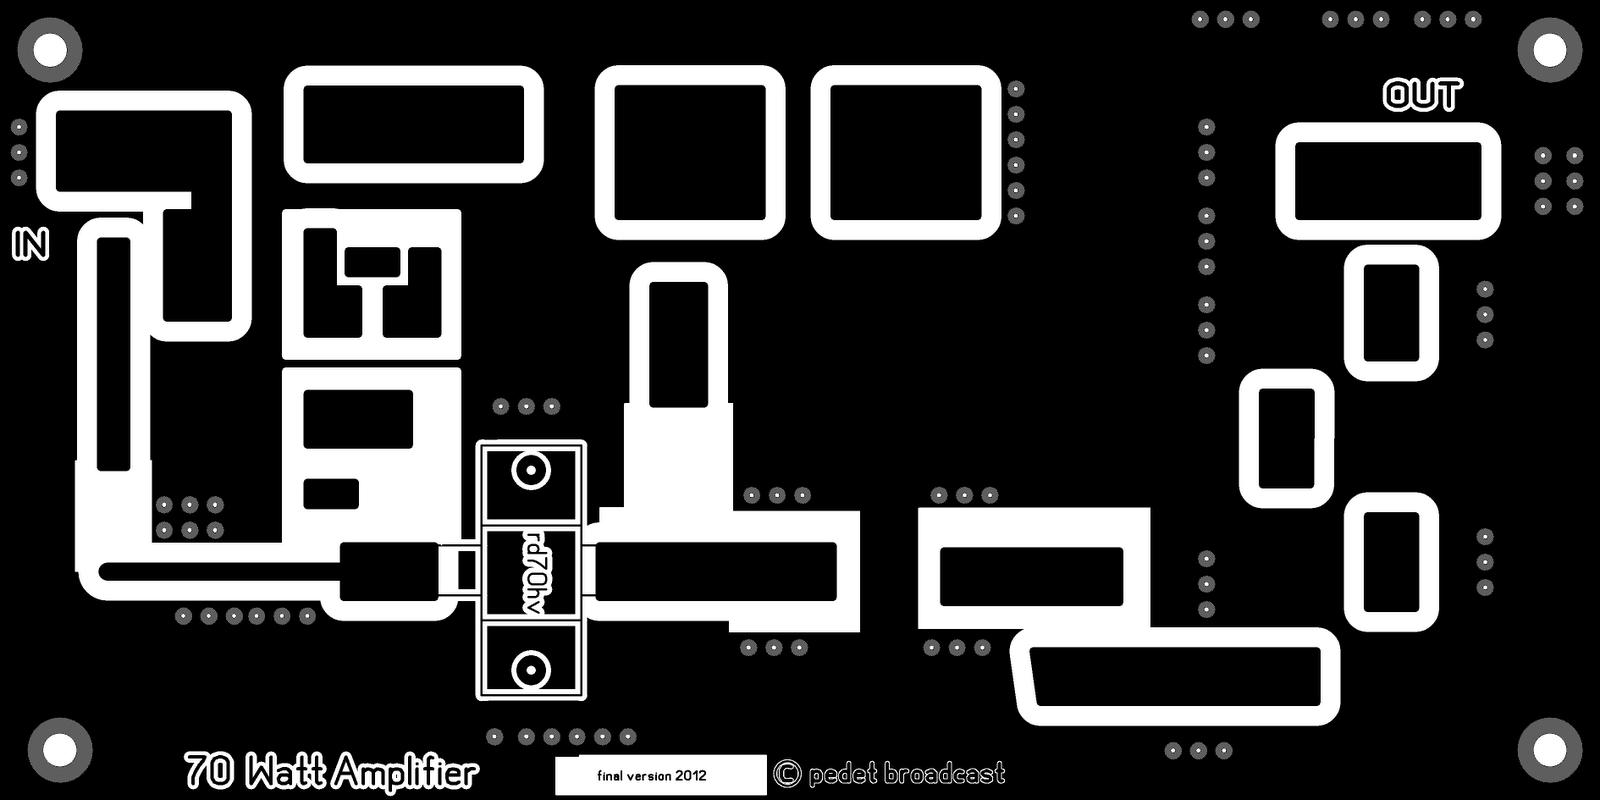 pcb layout rf amplifier rd 70 skema rf amplifier rd 70 rf amplifier rd